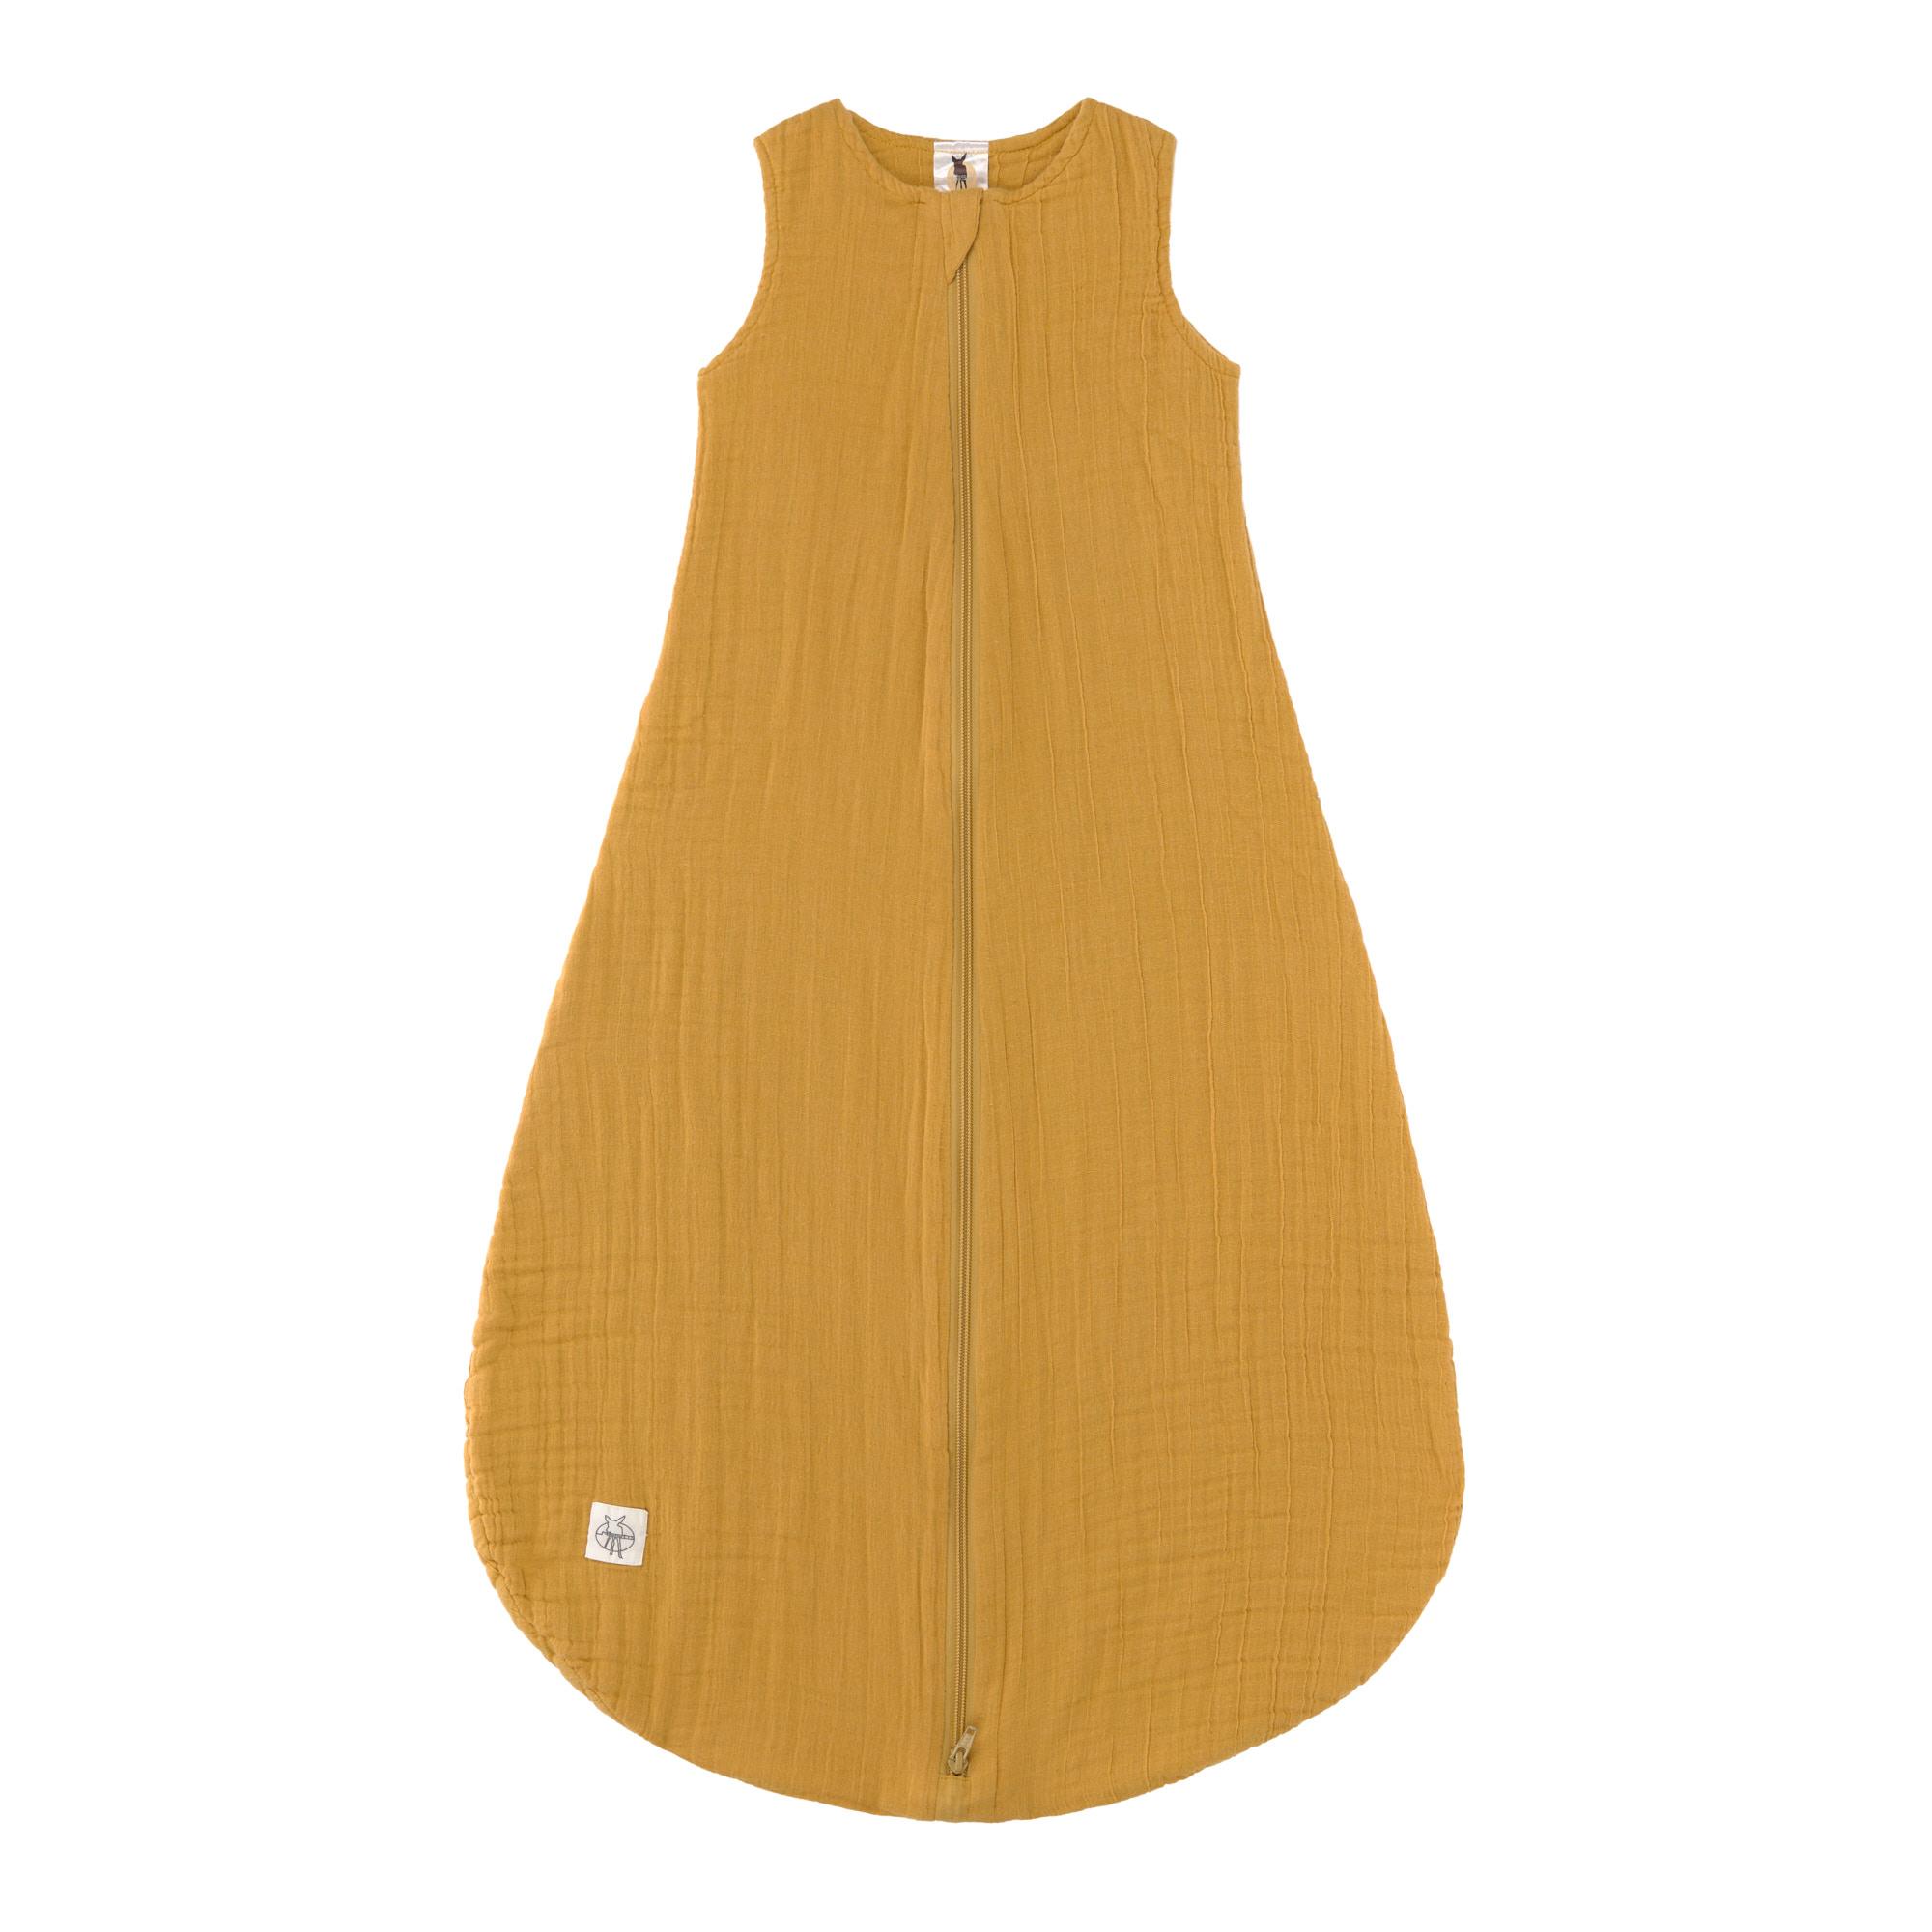 Muslin Baby-Schlafsack senf Größe 50/56